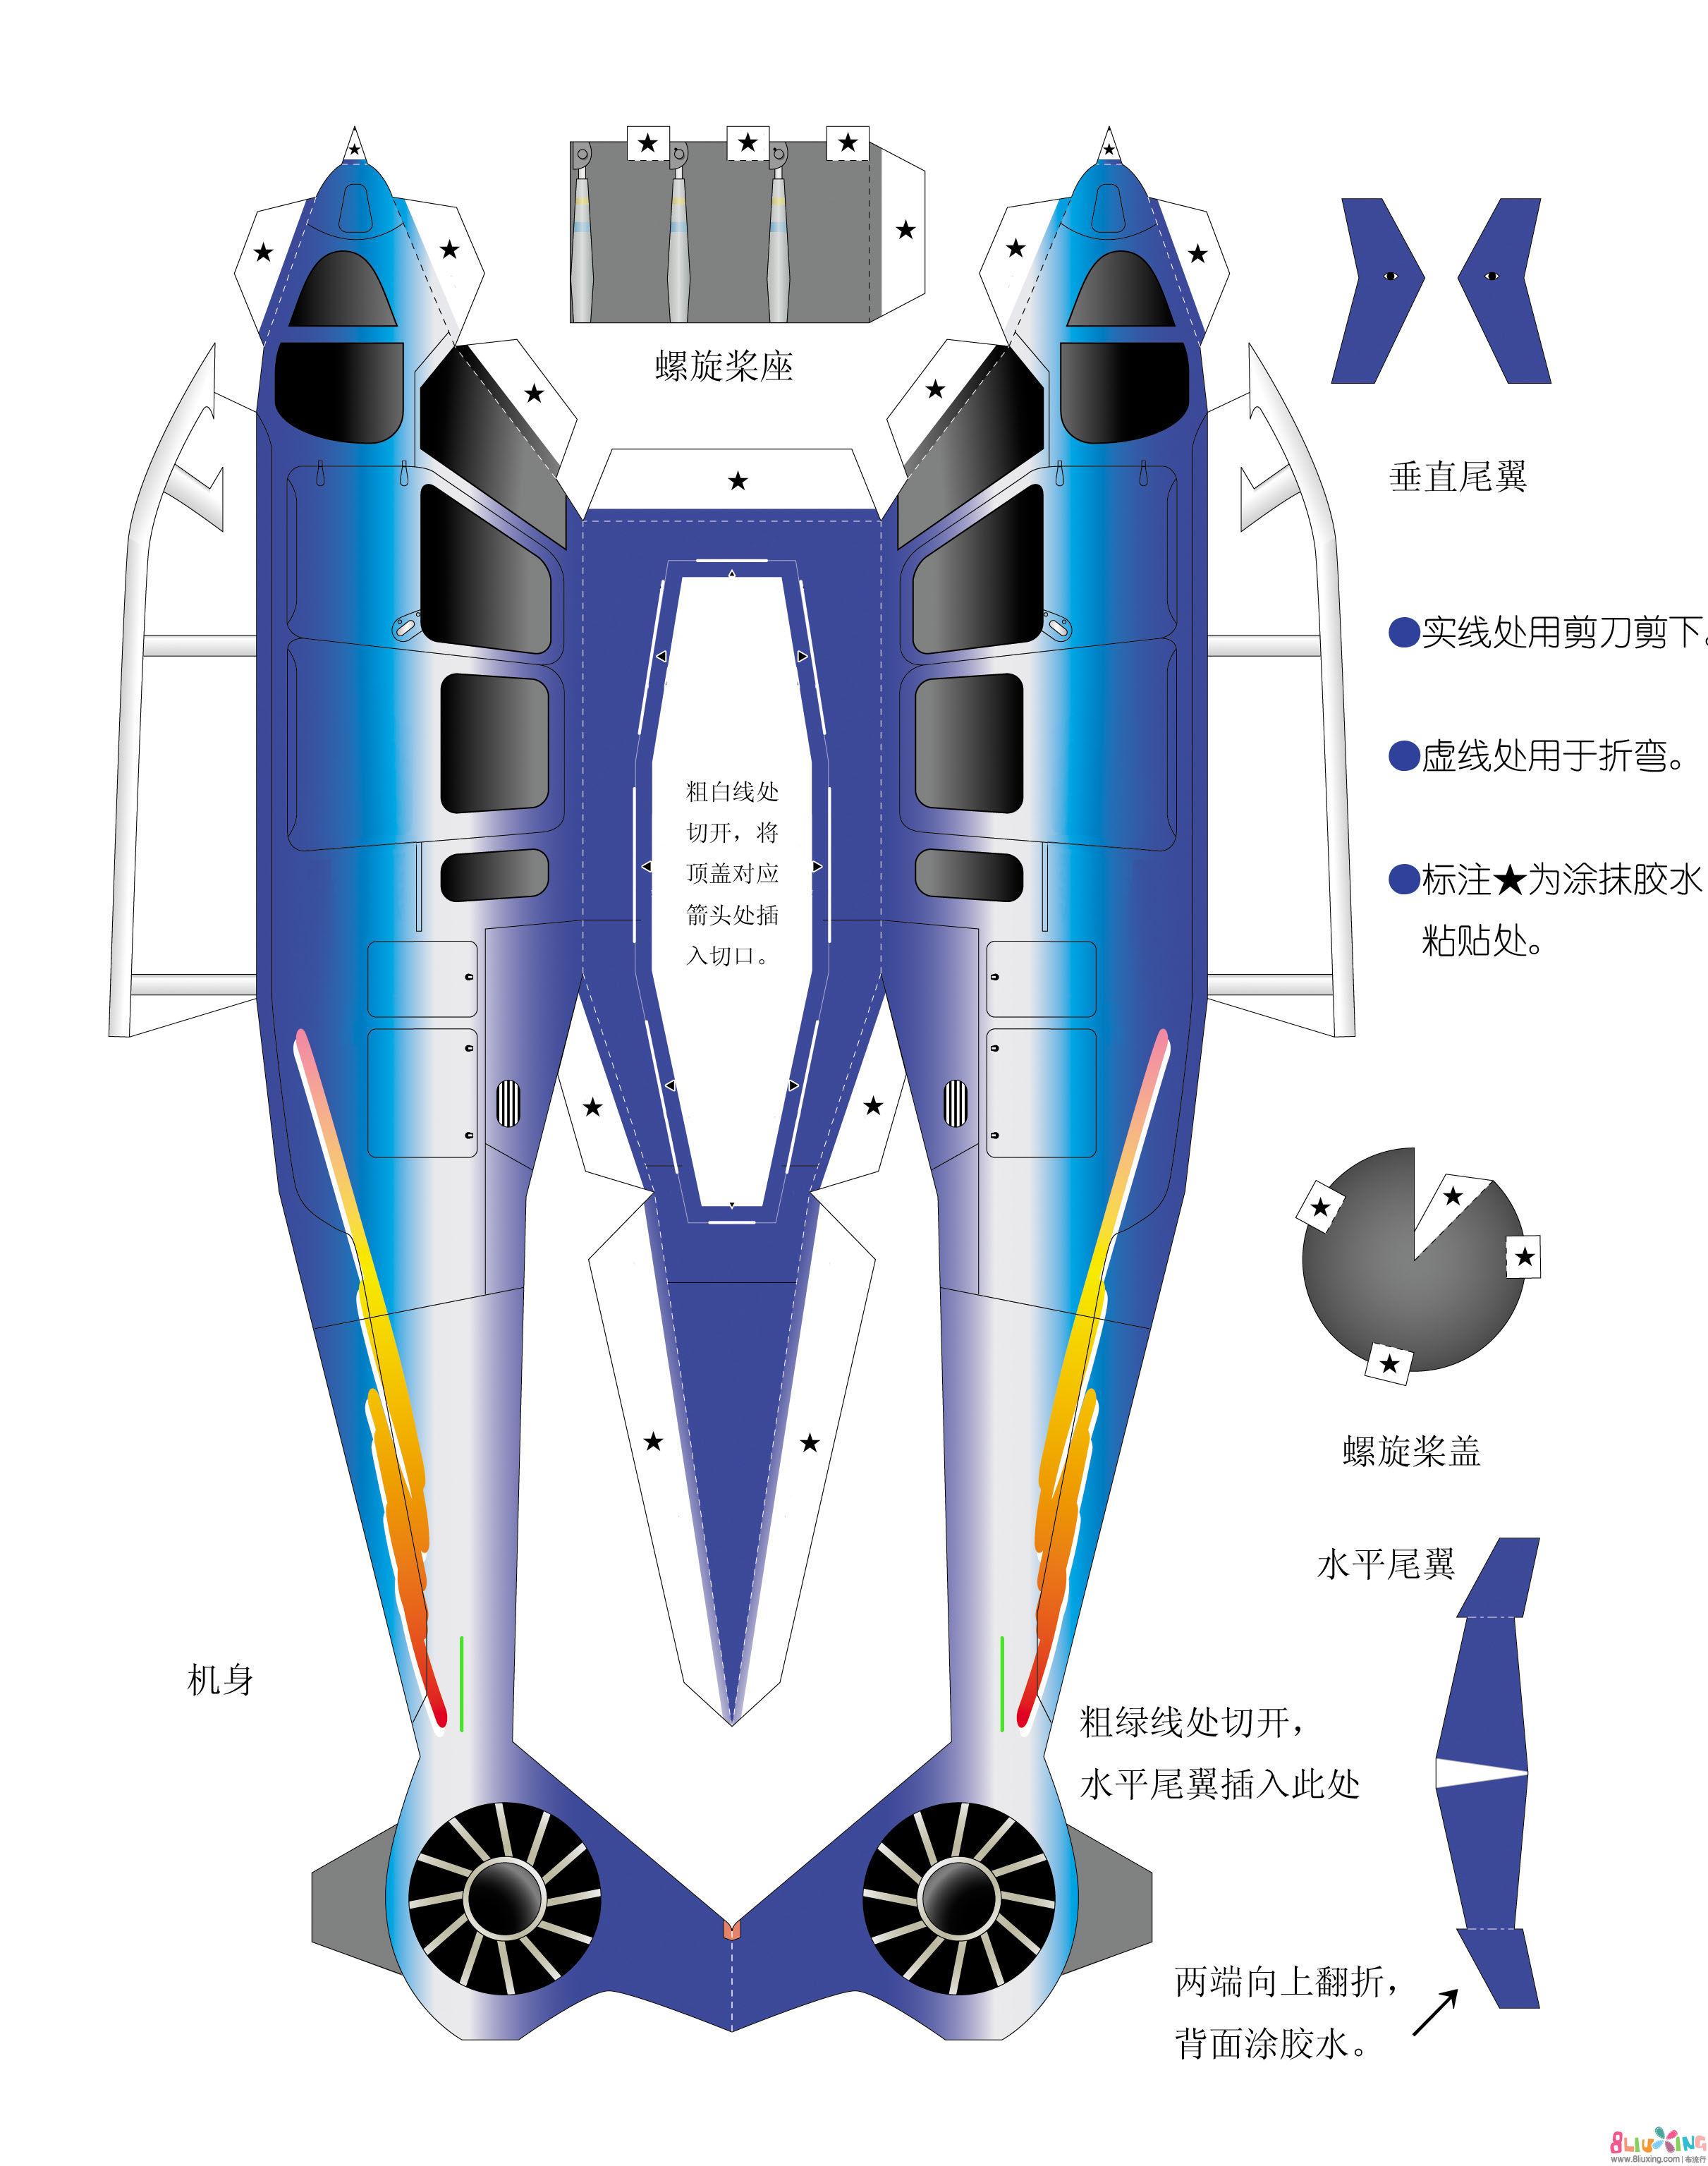 折直升飞机纸模型做法图片